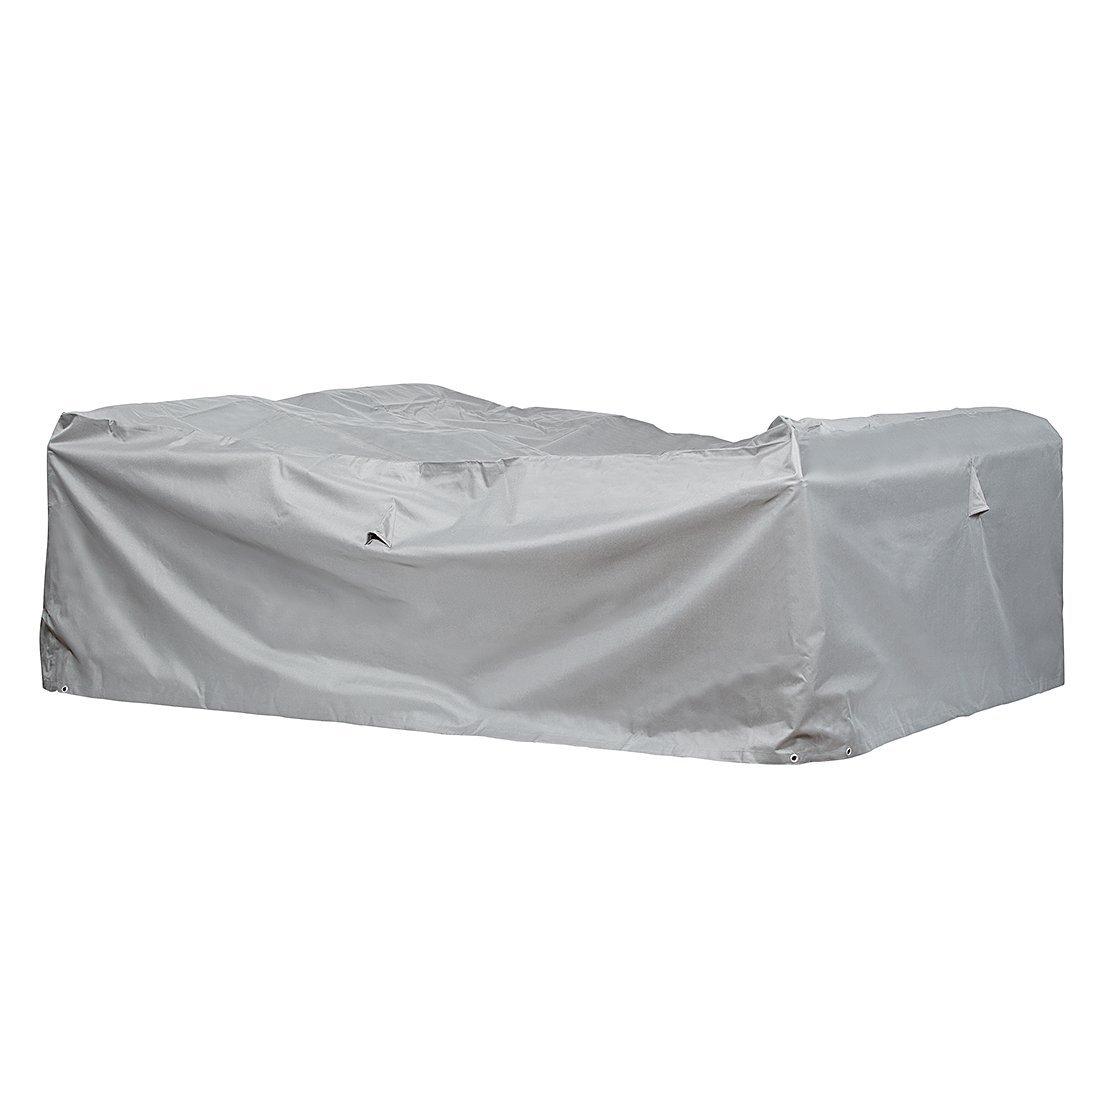 Premium Schutzhülle für Loungegruppe/Sitzgruppe aus Polyester Oxford 600D – lichtgrau – von 'mehr Garten' – Größe L (230 x 165 cm) günstig